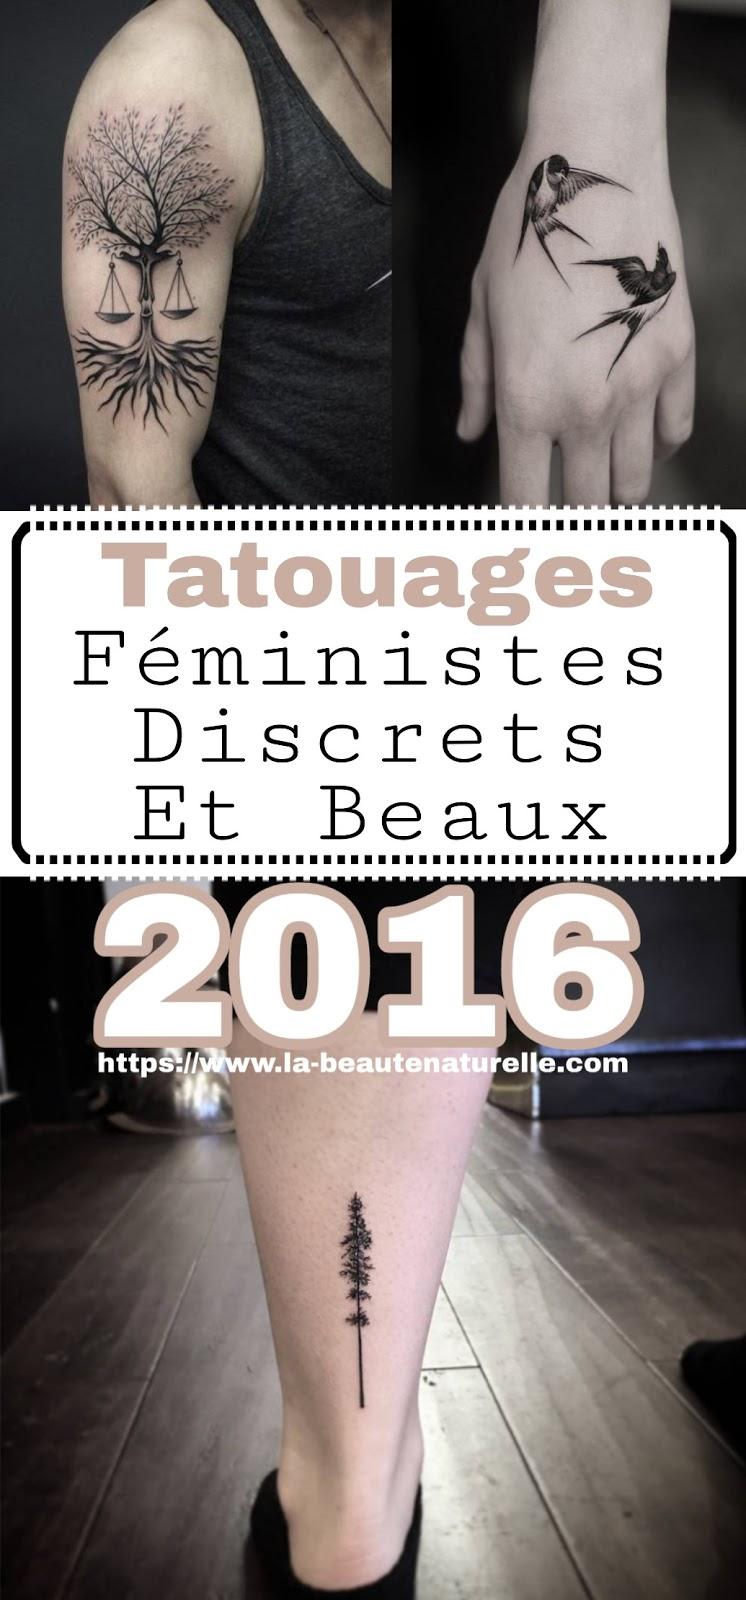 Tatouages Féministes Discrets Et Beaux 2016